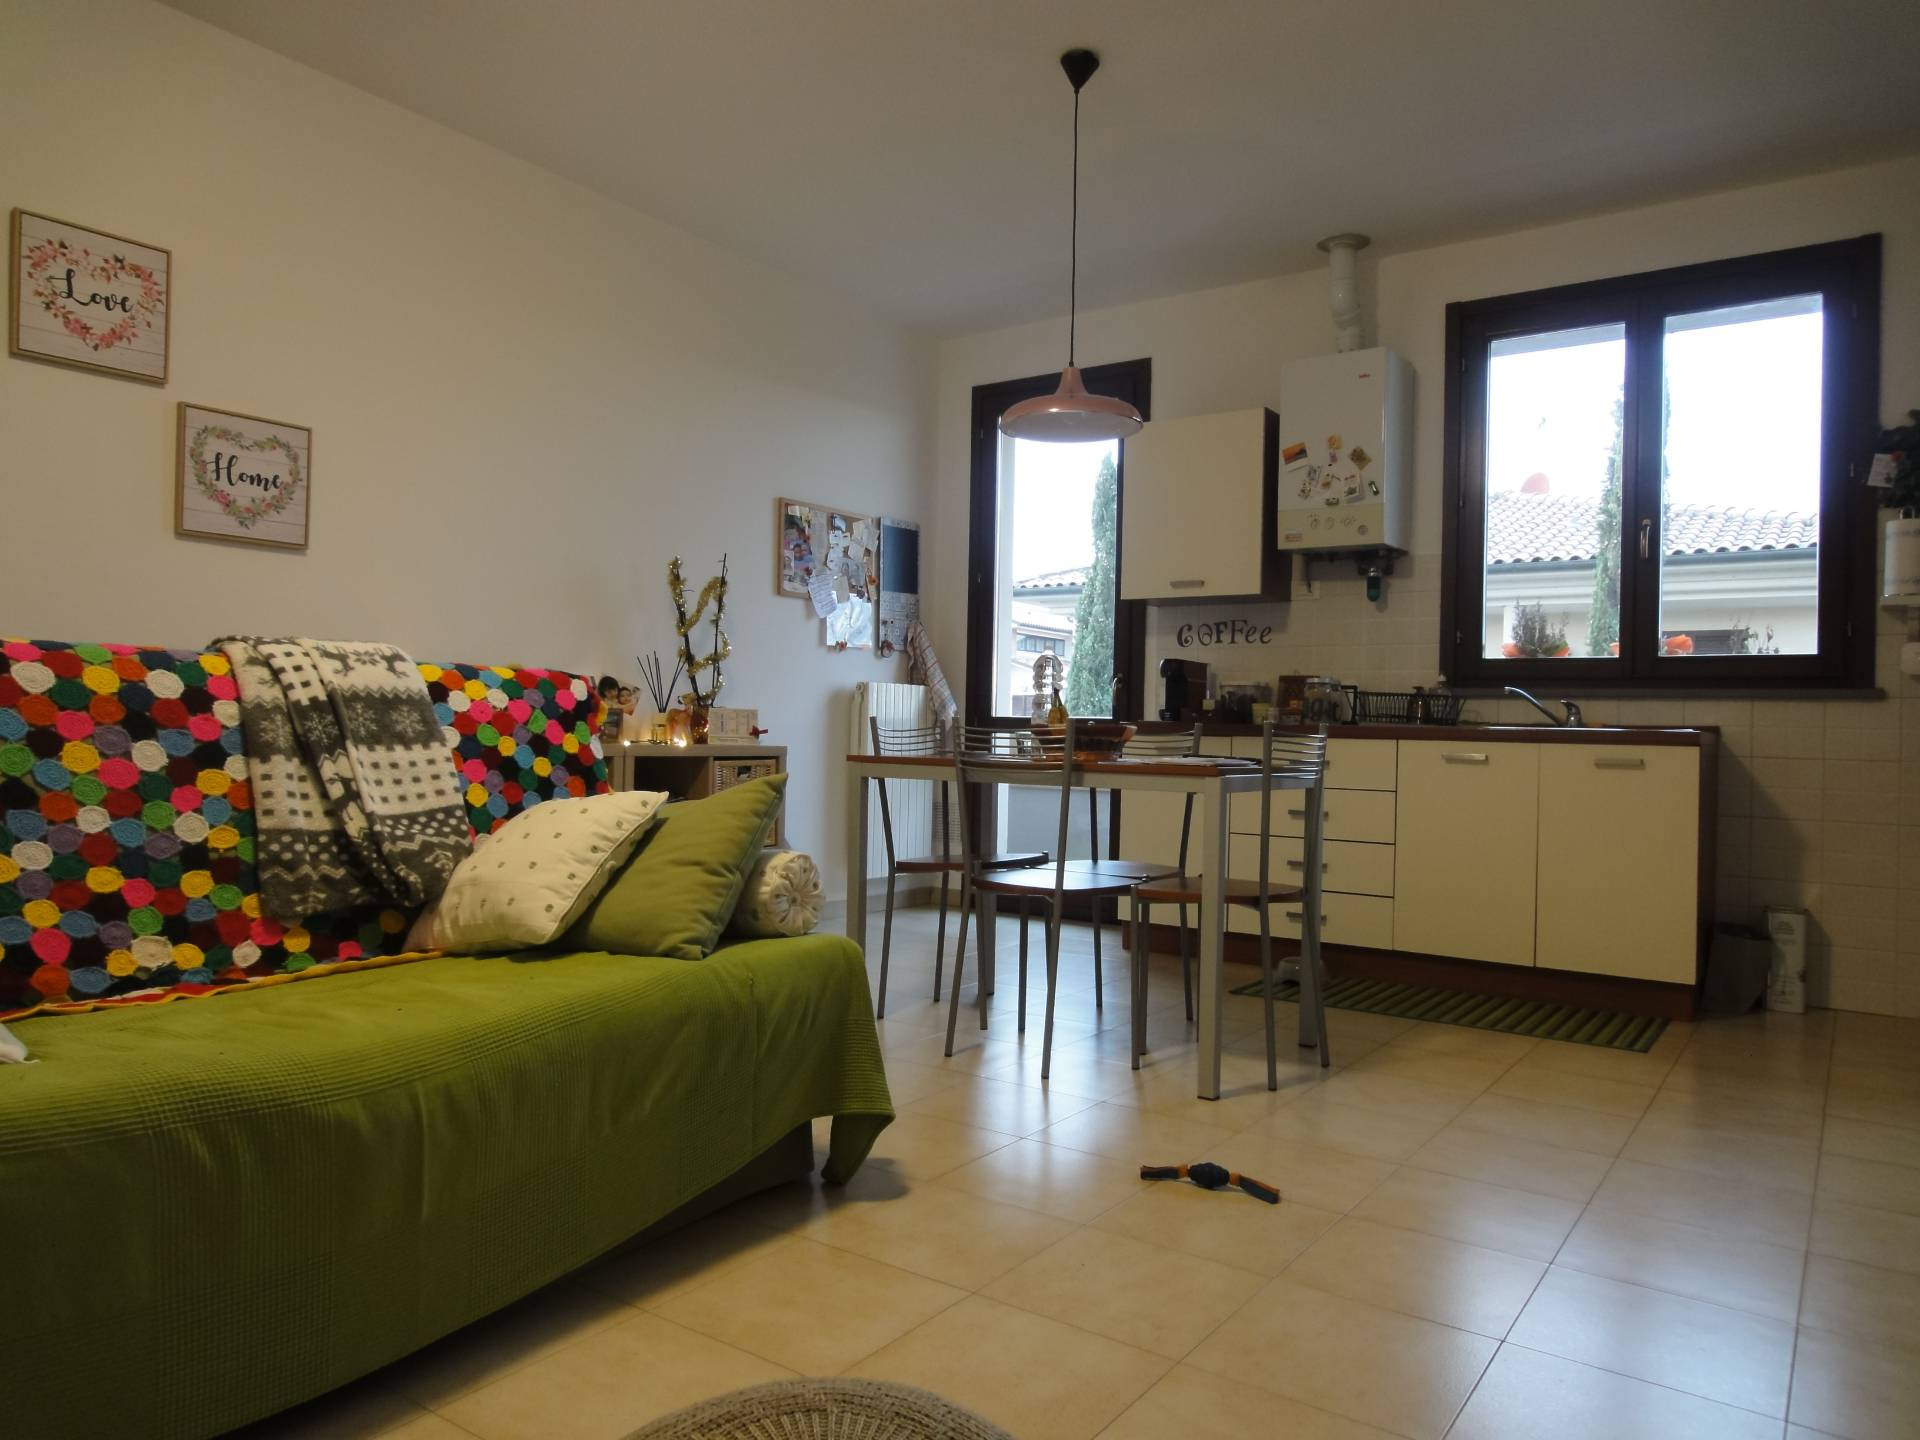 Appartamento in affitto a Pontedera, 2 locali, zona Località: Romito, prezzo € 500 | CambioCasa.it